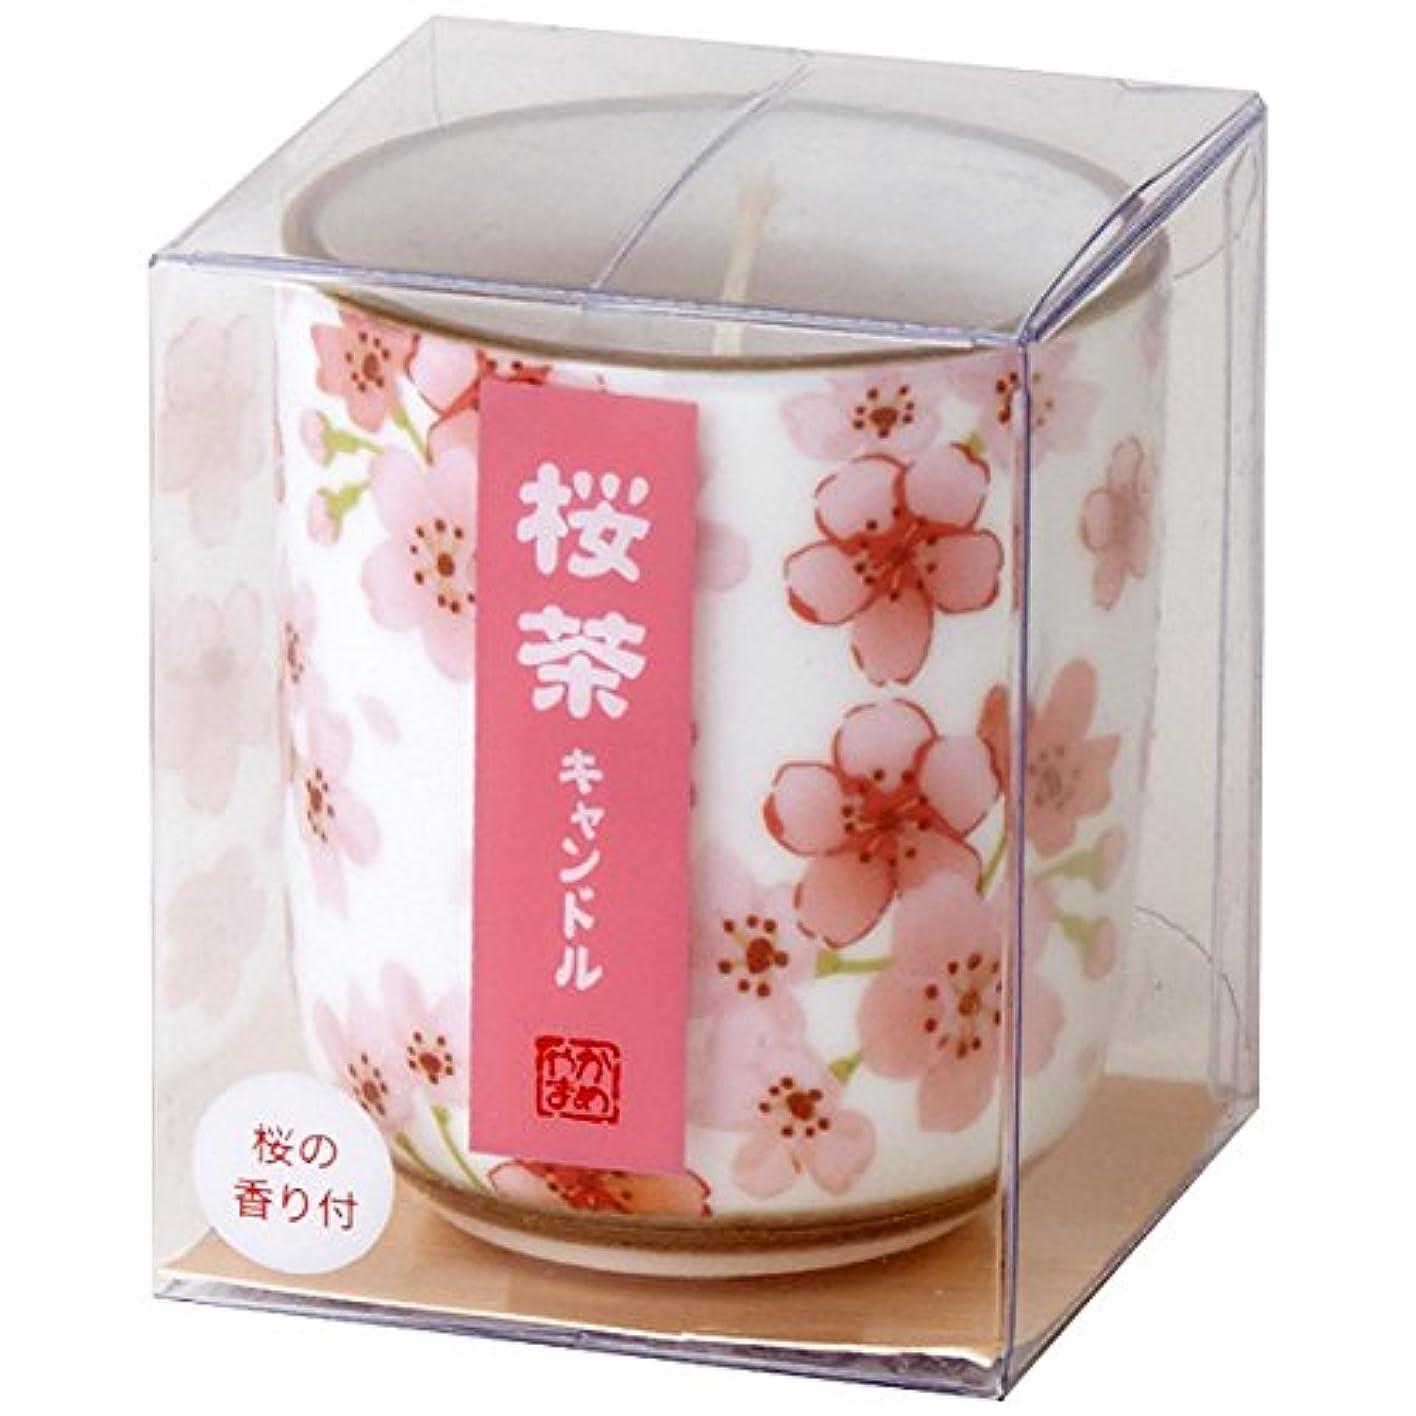 パーセント電球請求桜茶キャンドル(小) 86580010